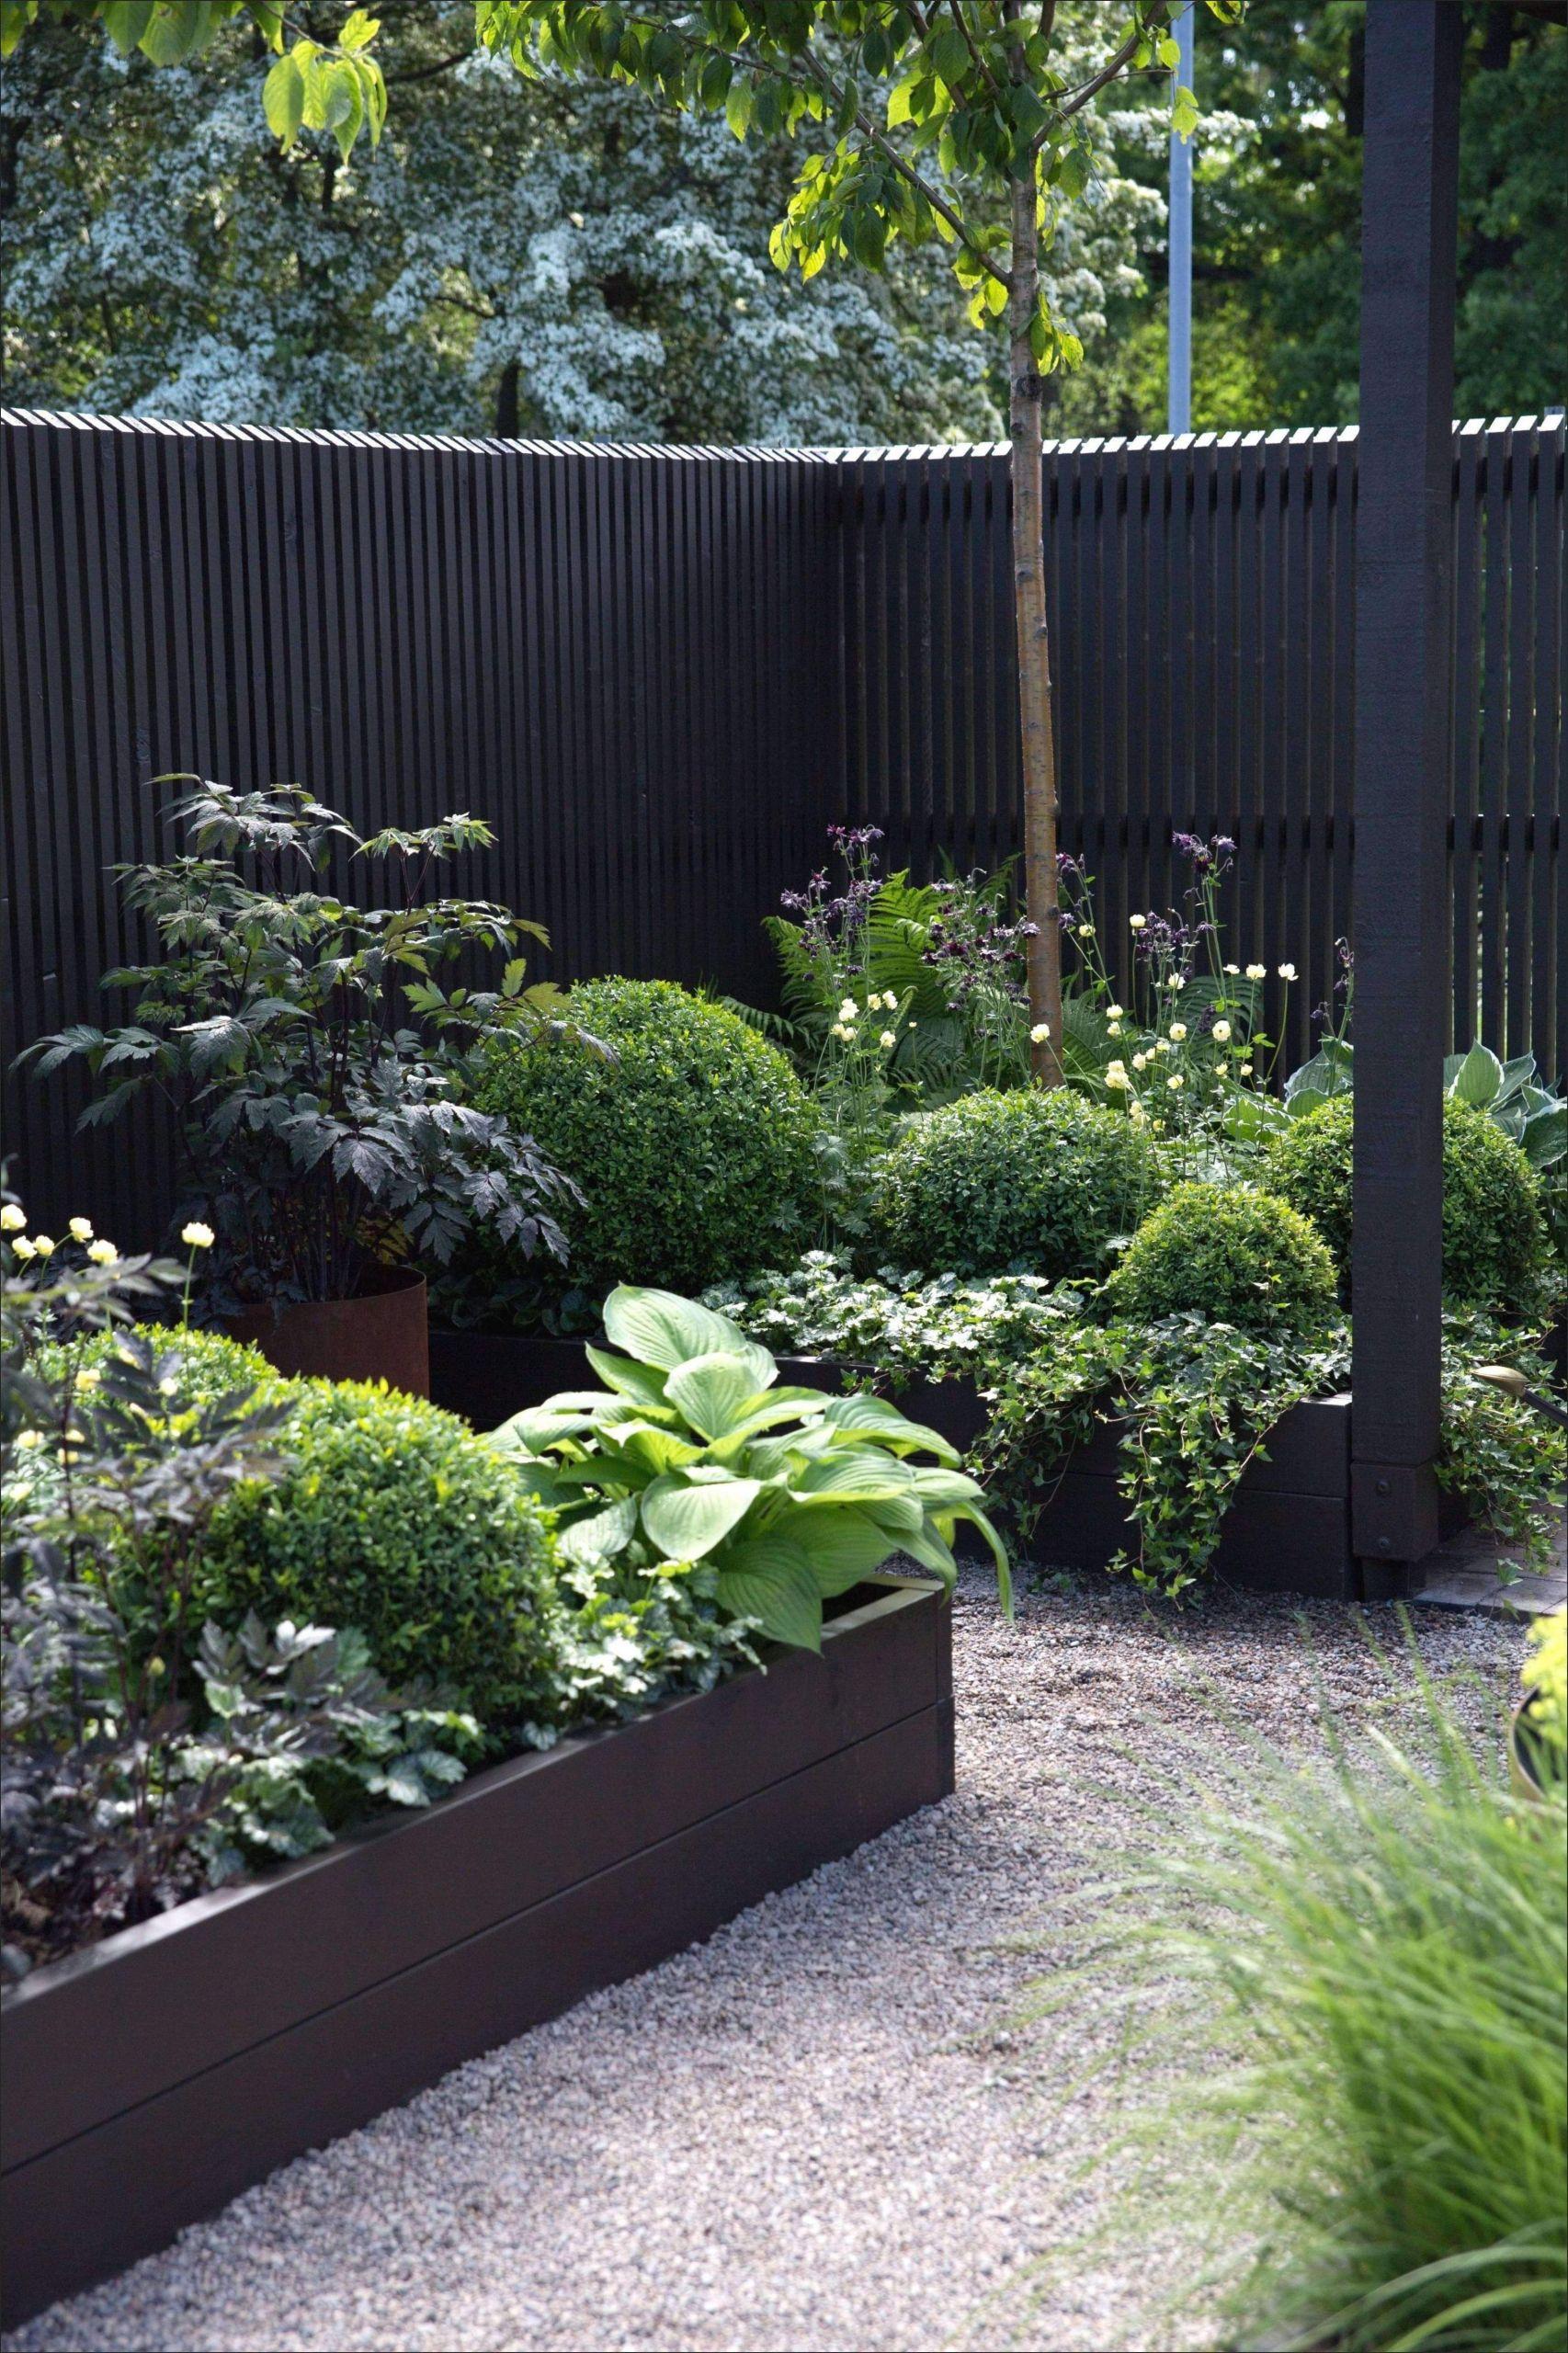 Rutsche Für Garten Das Beste Von Grüner Sichtschutz Im Garten — Temobardz Home Blog